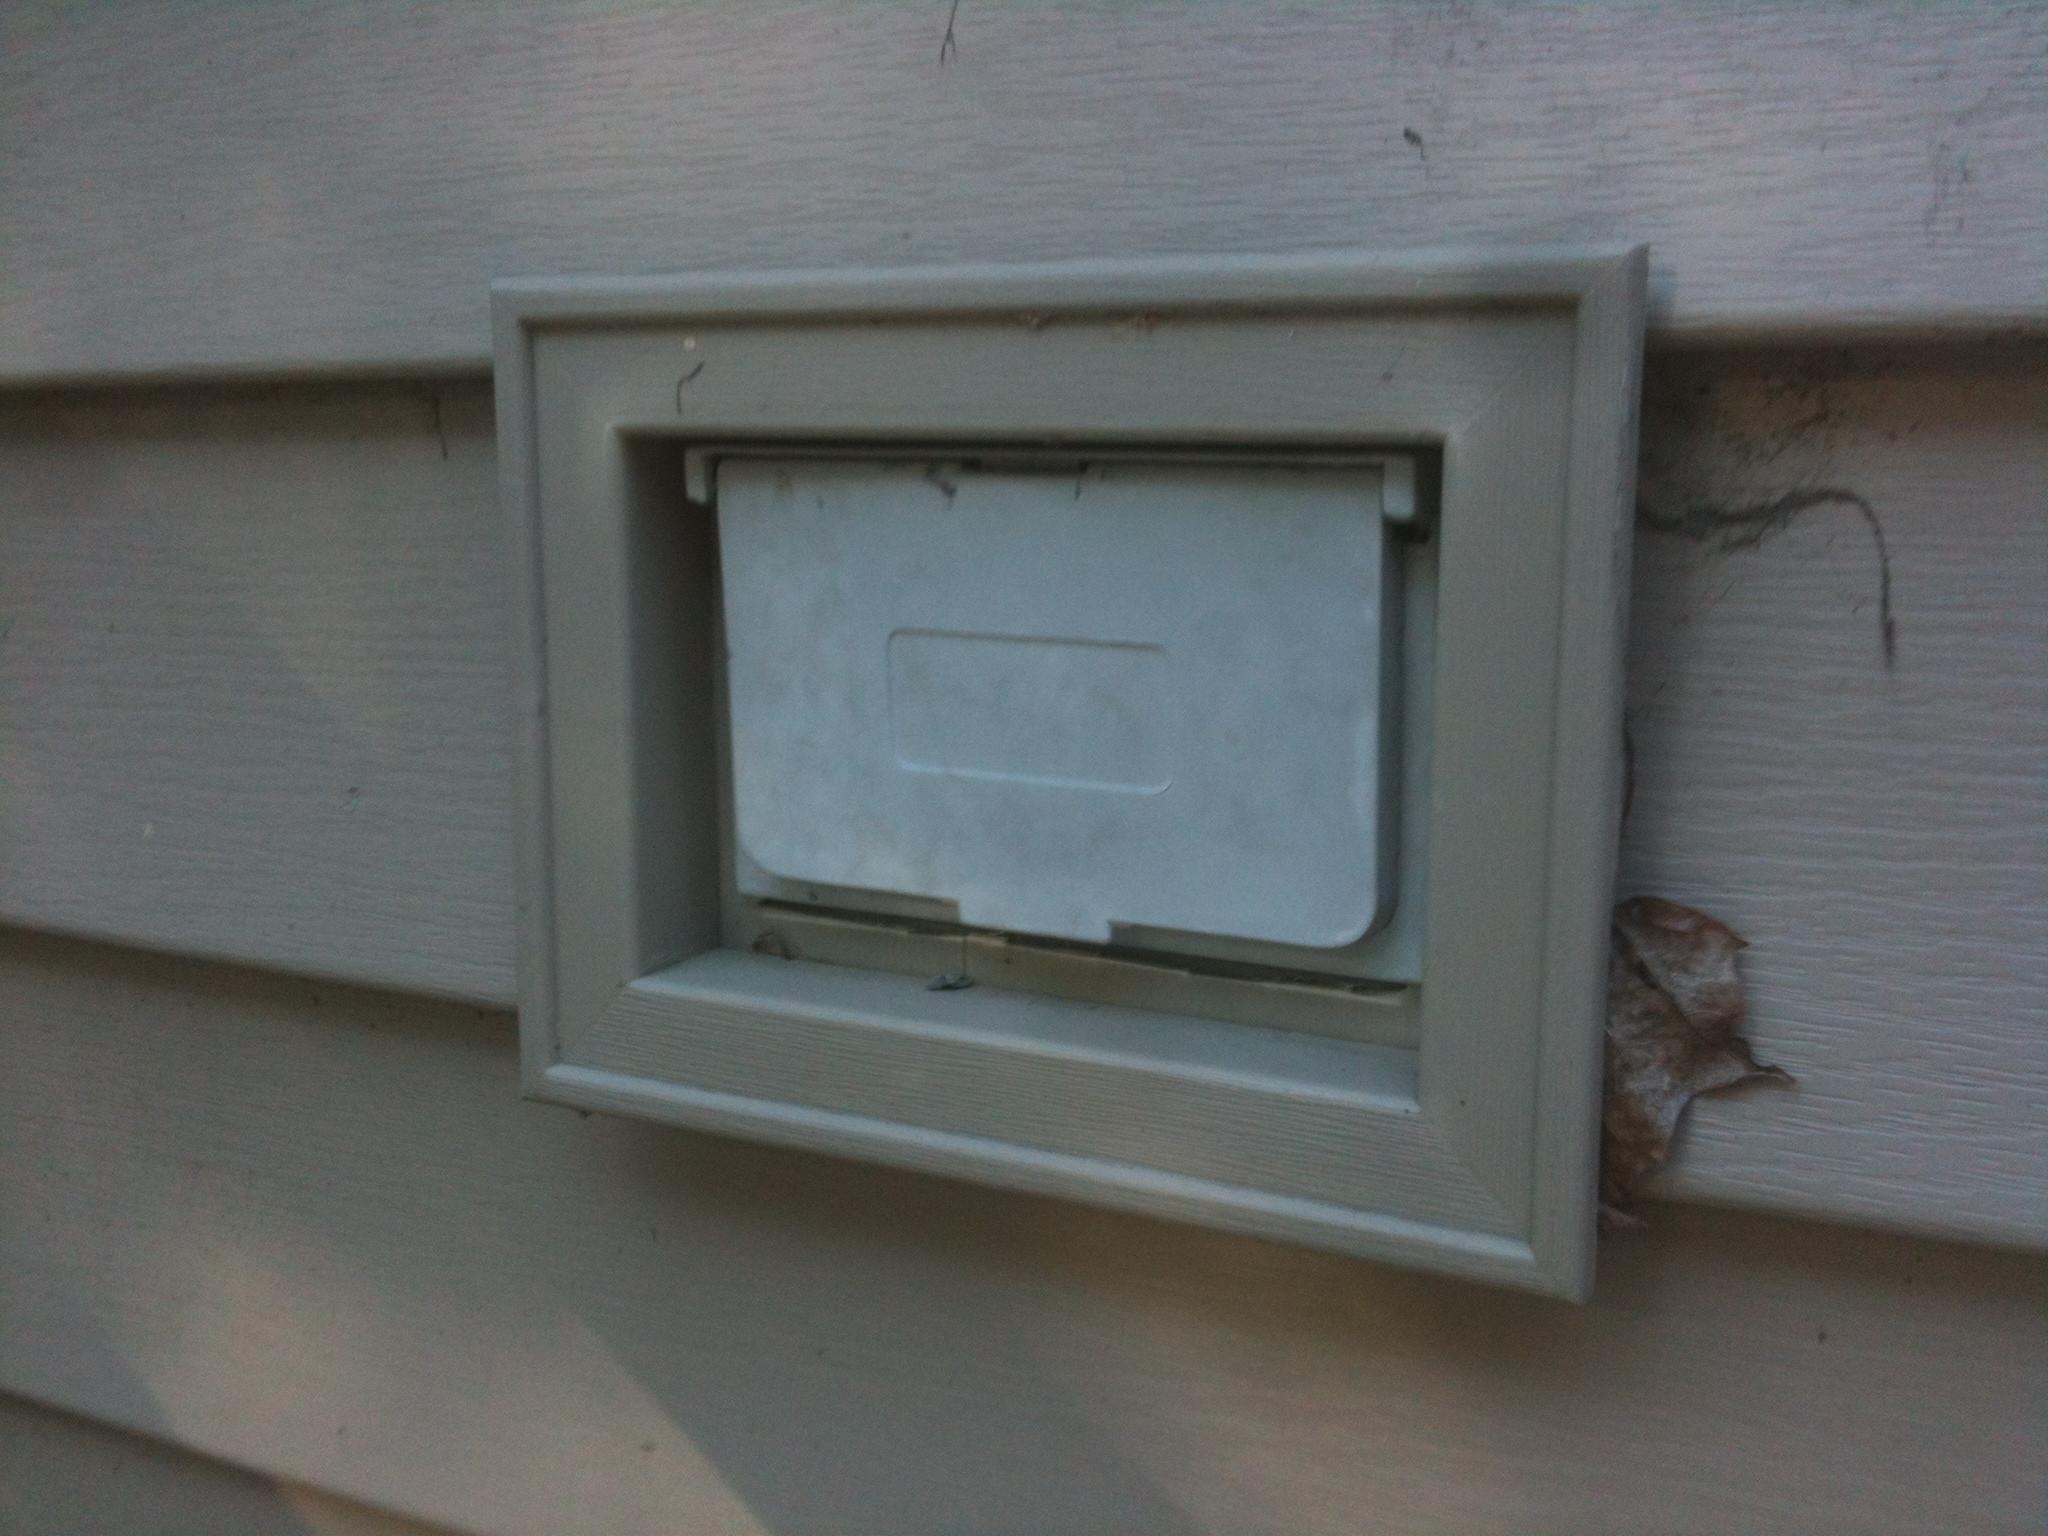 Vinyl Siding Outlet Box